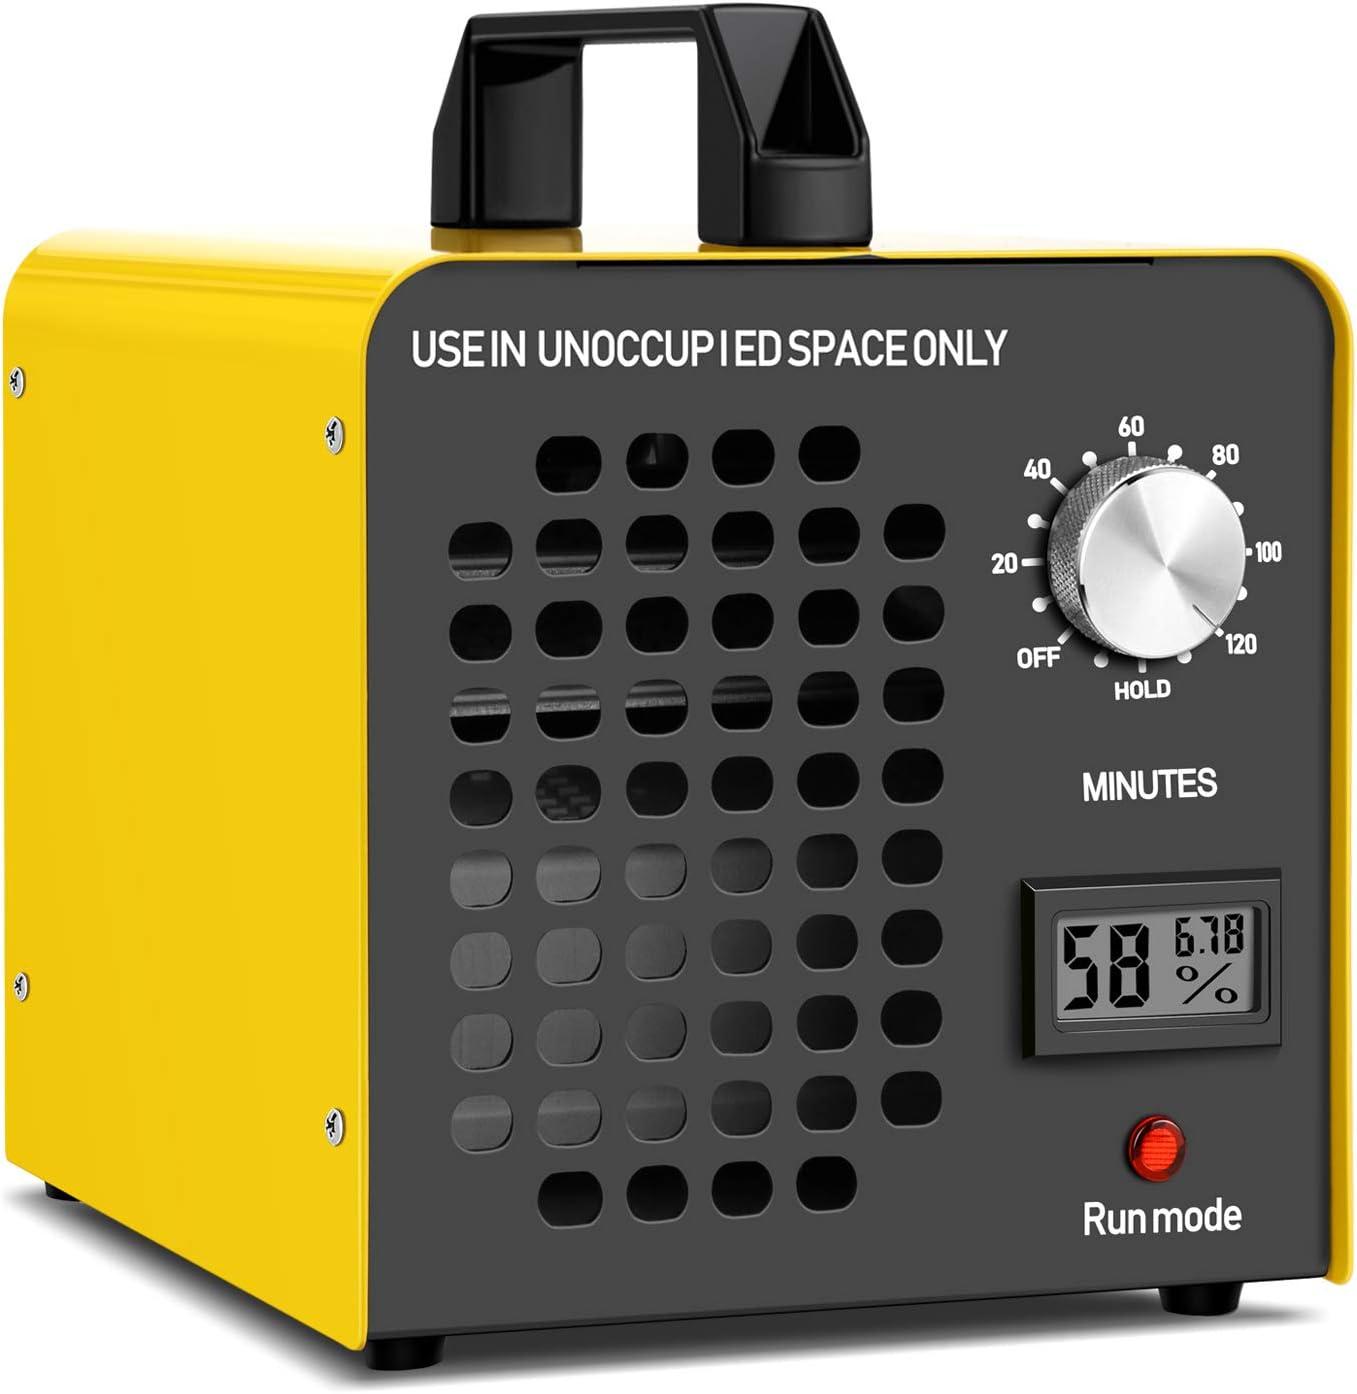 Yousiliang Generador de Ozono Hogar 12000 MG/h Máquina de Ozono para Coche Desinfectador de ozono Purificador Ozono de Aire con Temporizador de 120 min para Eliminaciónn de Olor y Desinfección